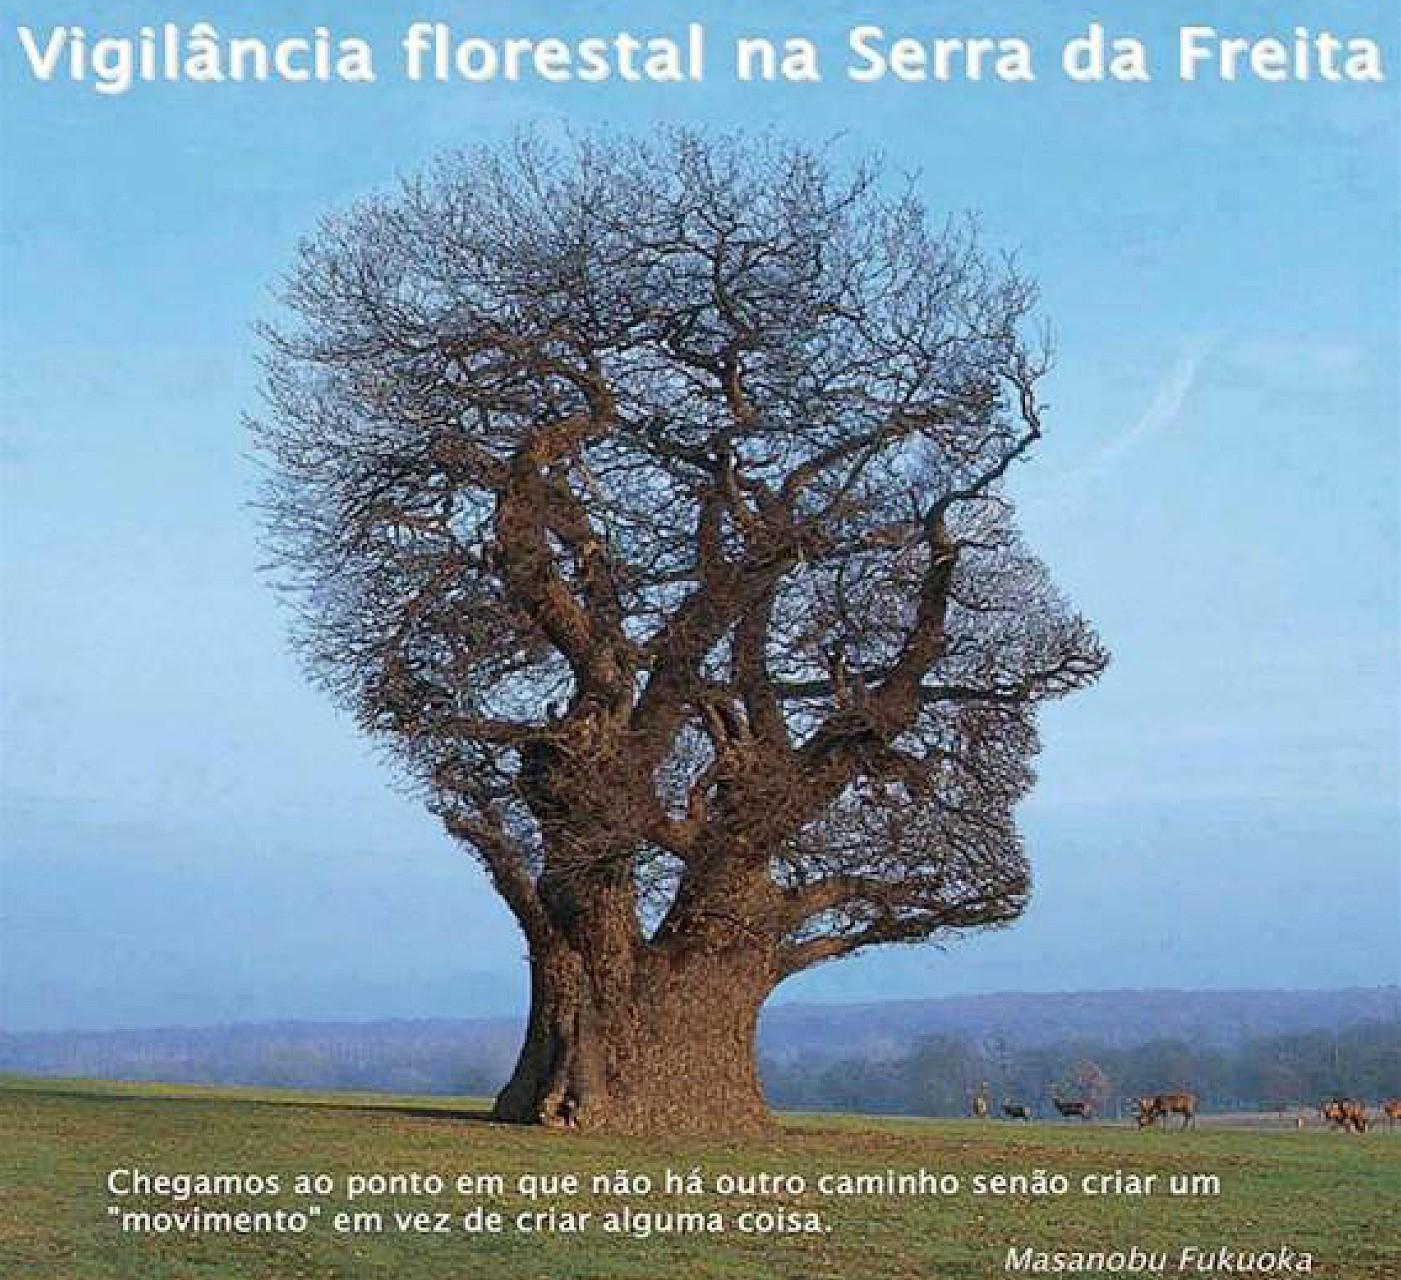 Está aberto o Programa de Voluntariado Ambiental 'Vigilância Florestal na Serra da Freita 2018'